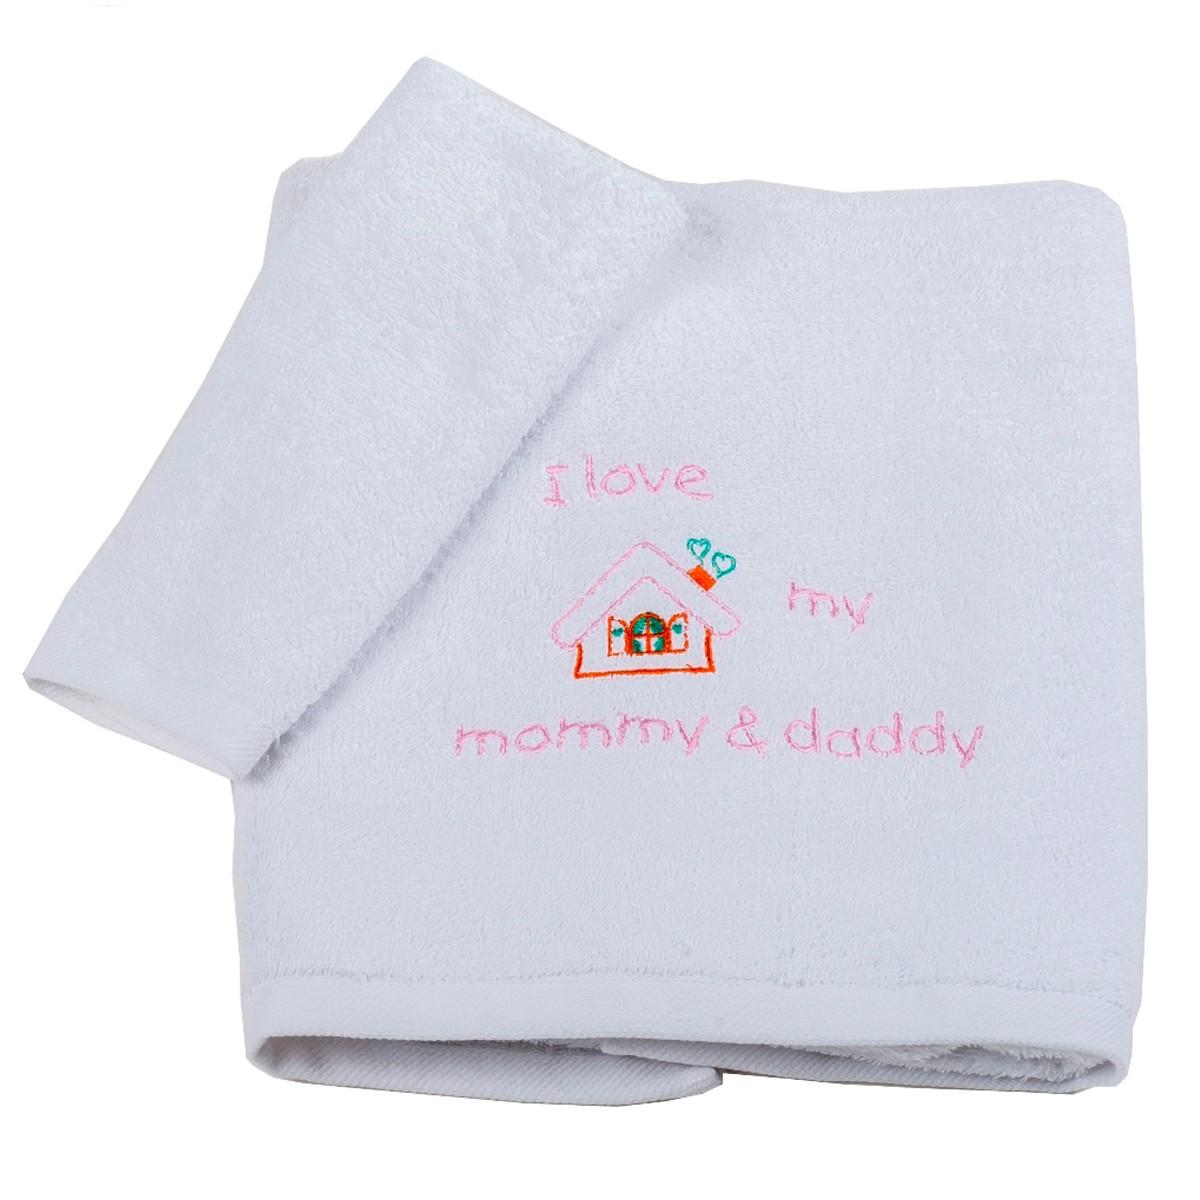 Βρεφικές Πετσέτες (Σετ 2τμχ) Κόσμος Του Μωρού Love 0502 Ροζ